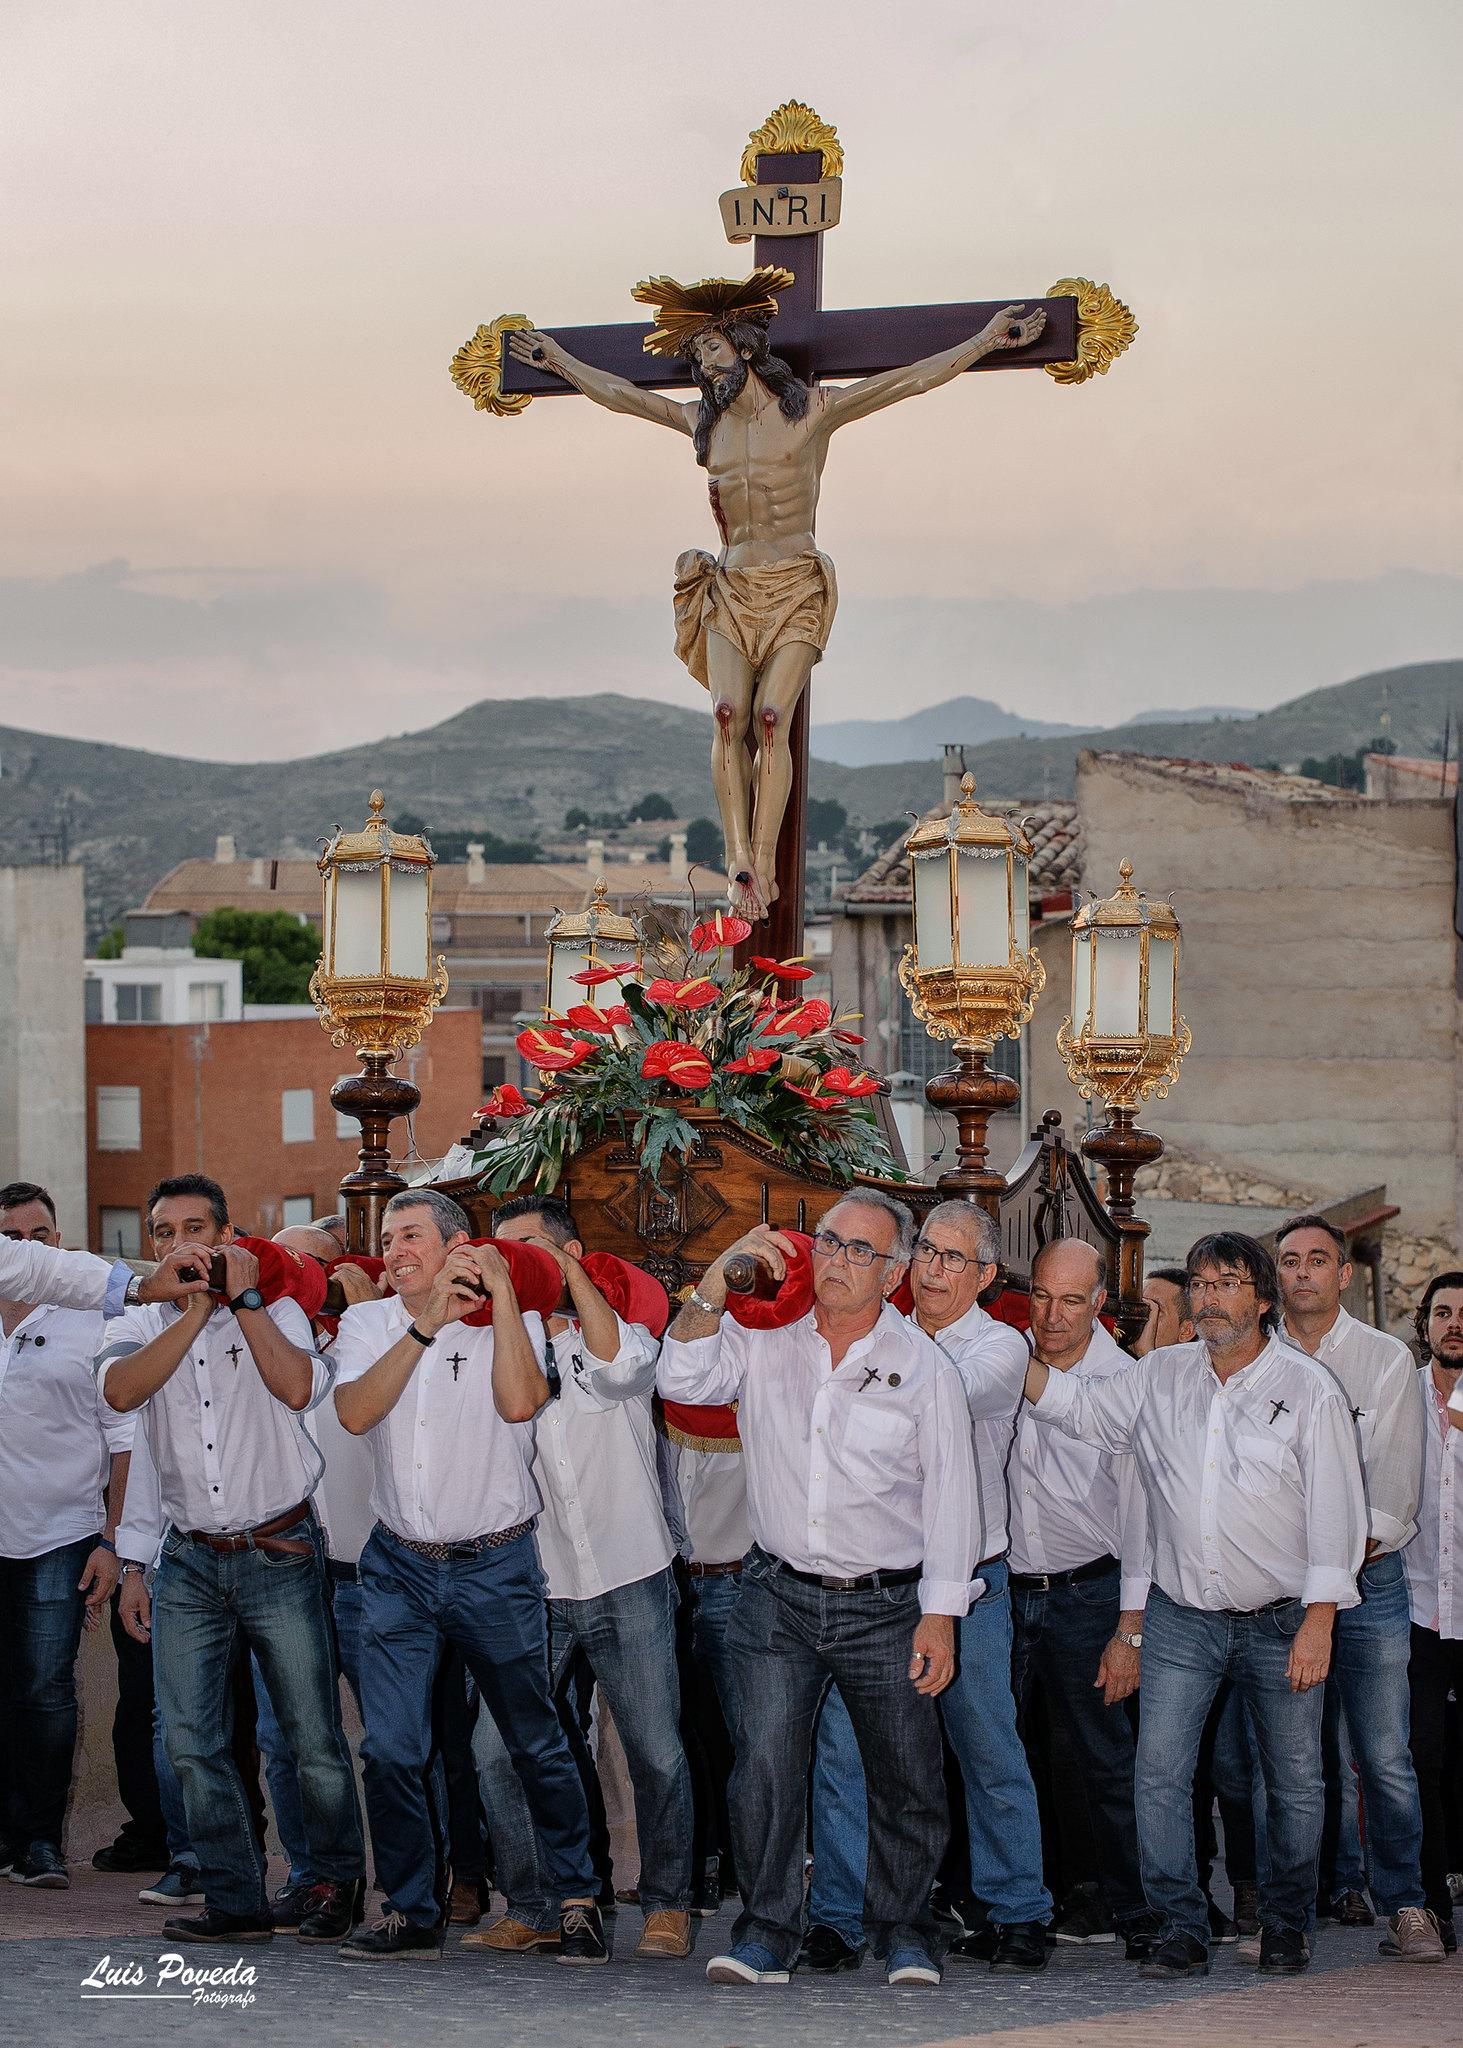 (2018-07-01) - Procesión de subida - Luis Poveda Galiano (13)